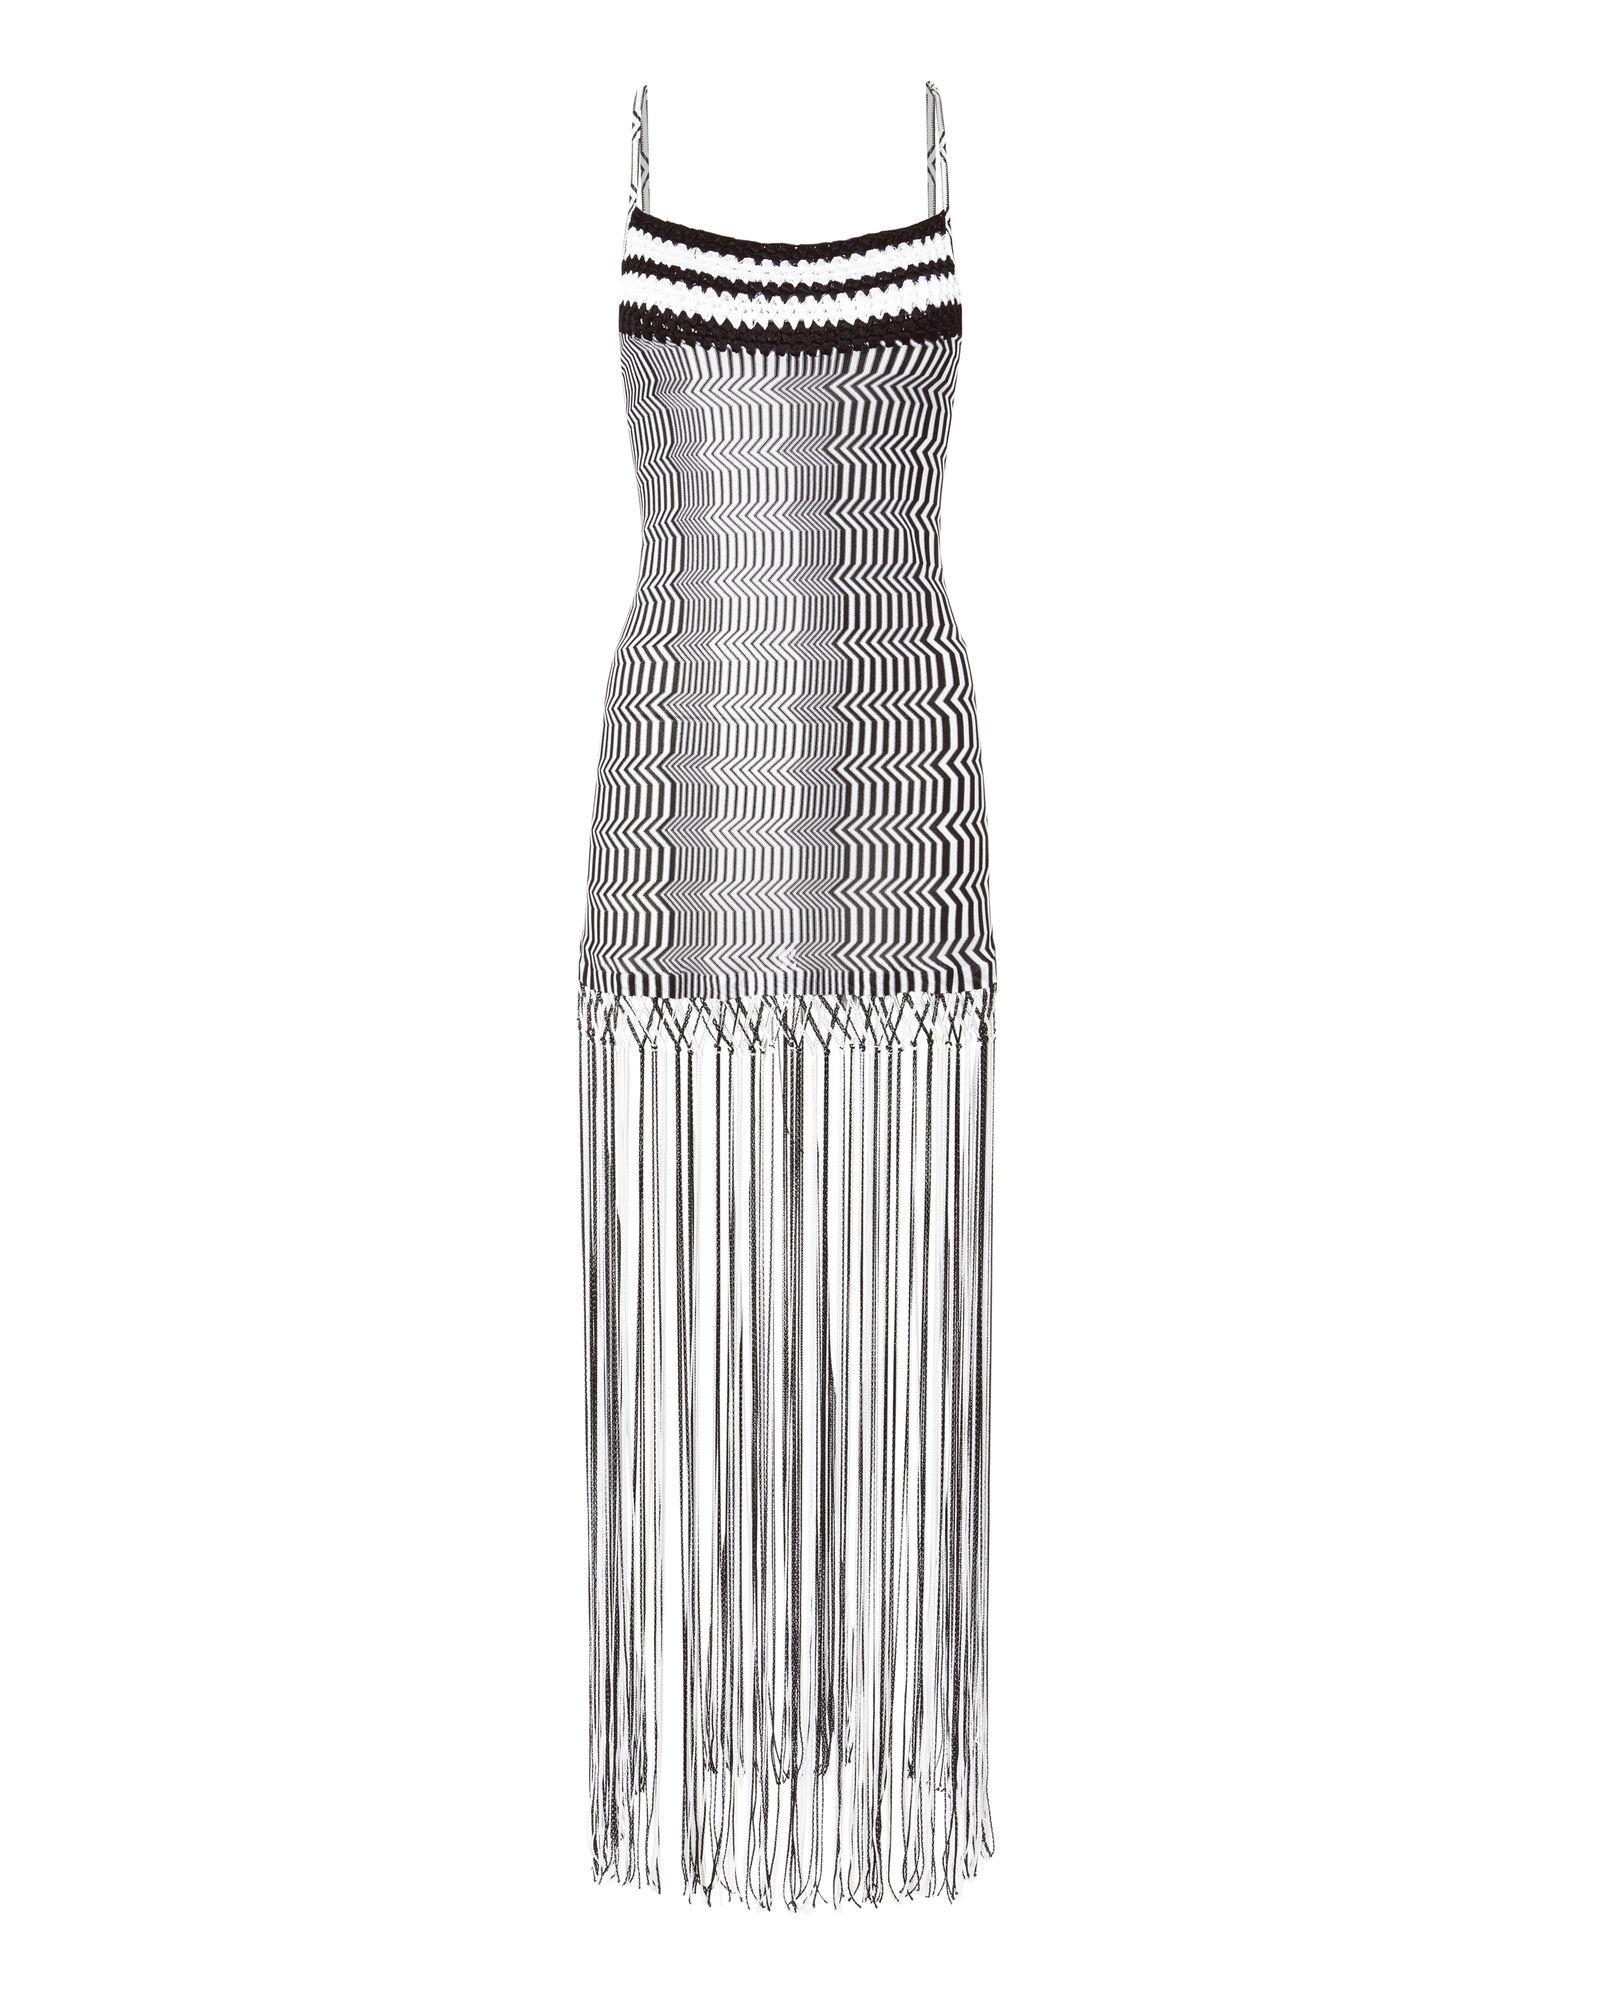 Missoni Black And White Zig Zag Fringe Mini Dress